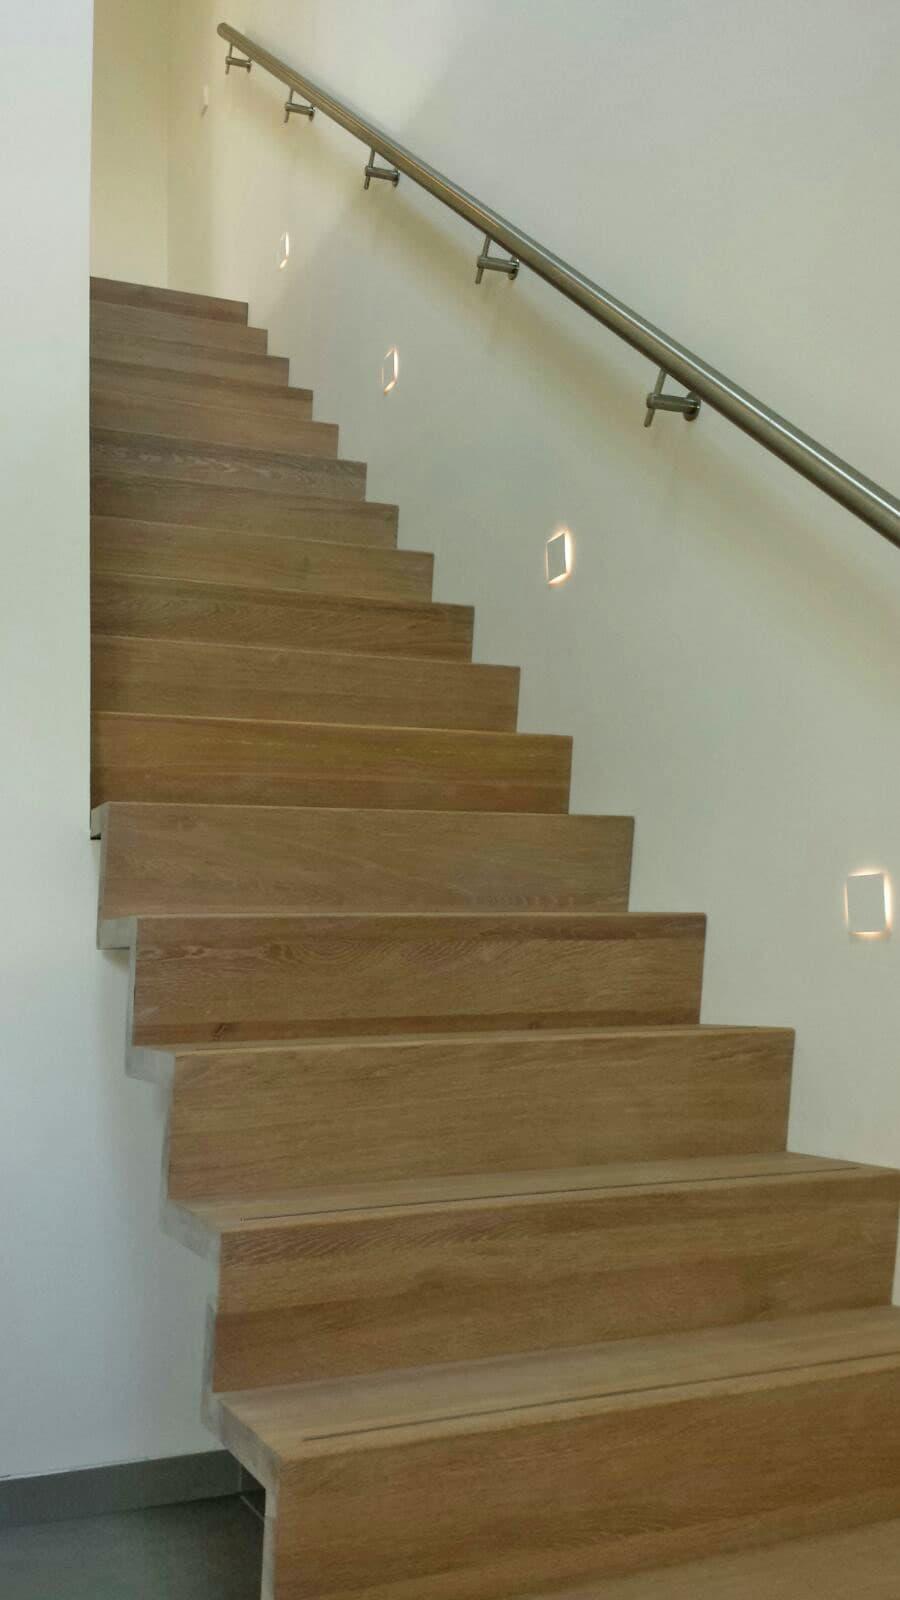 rt38a rechte trappen2